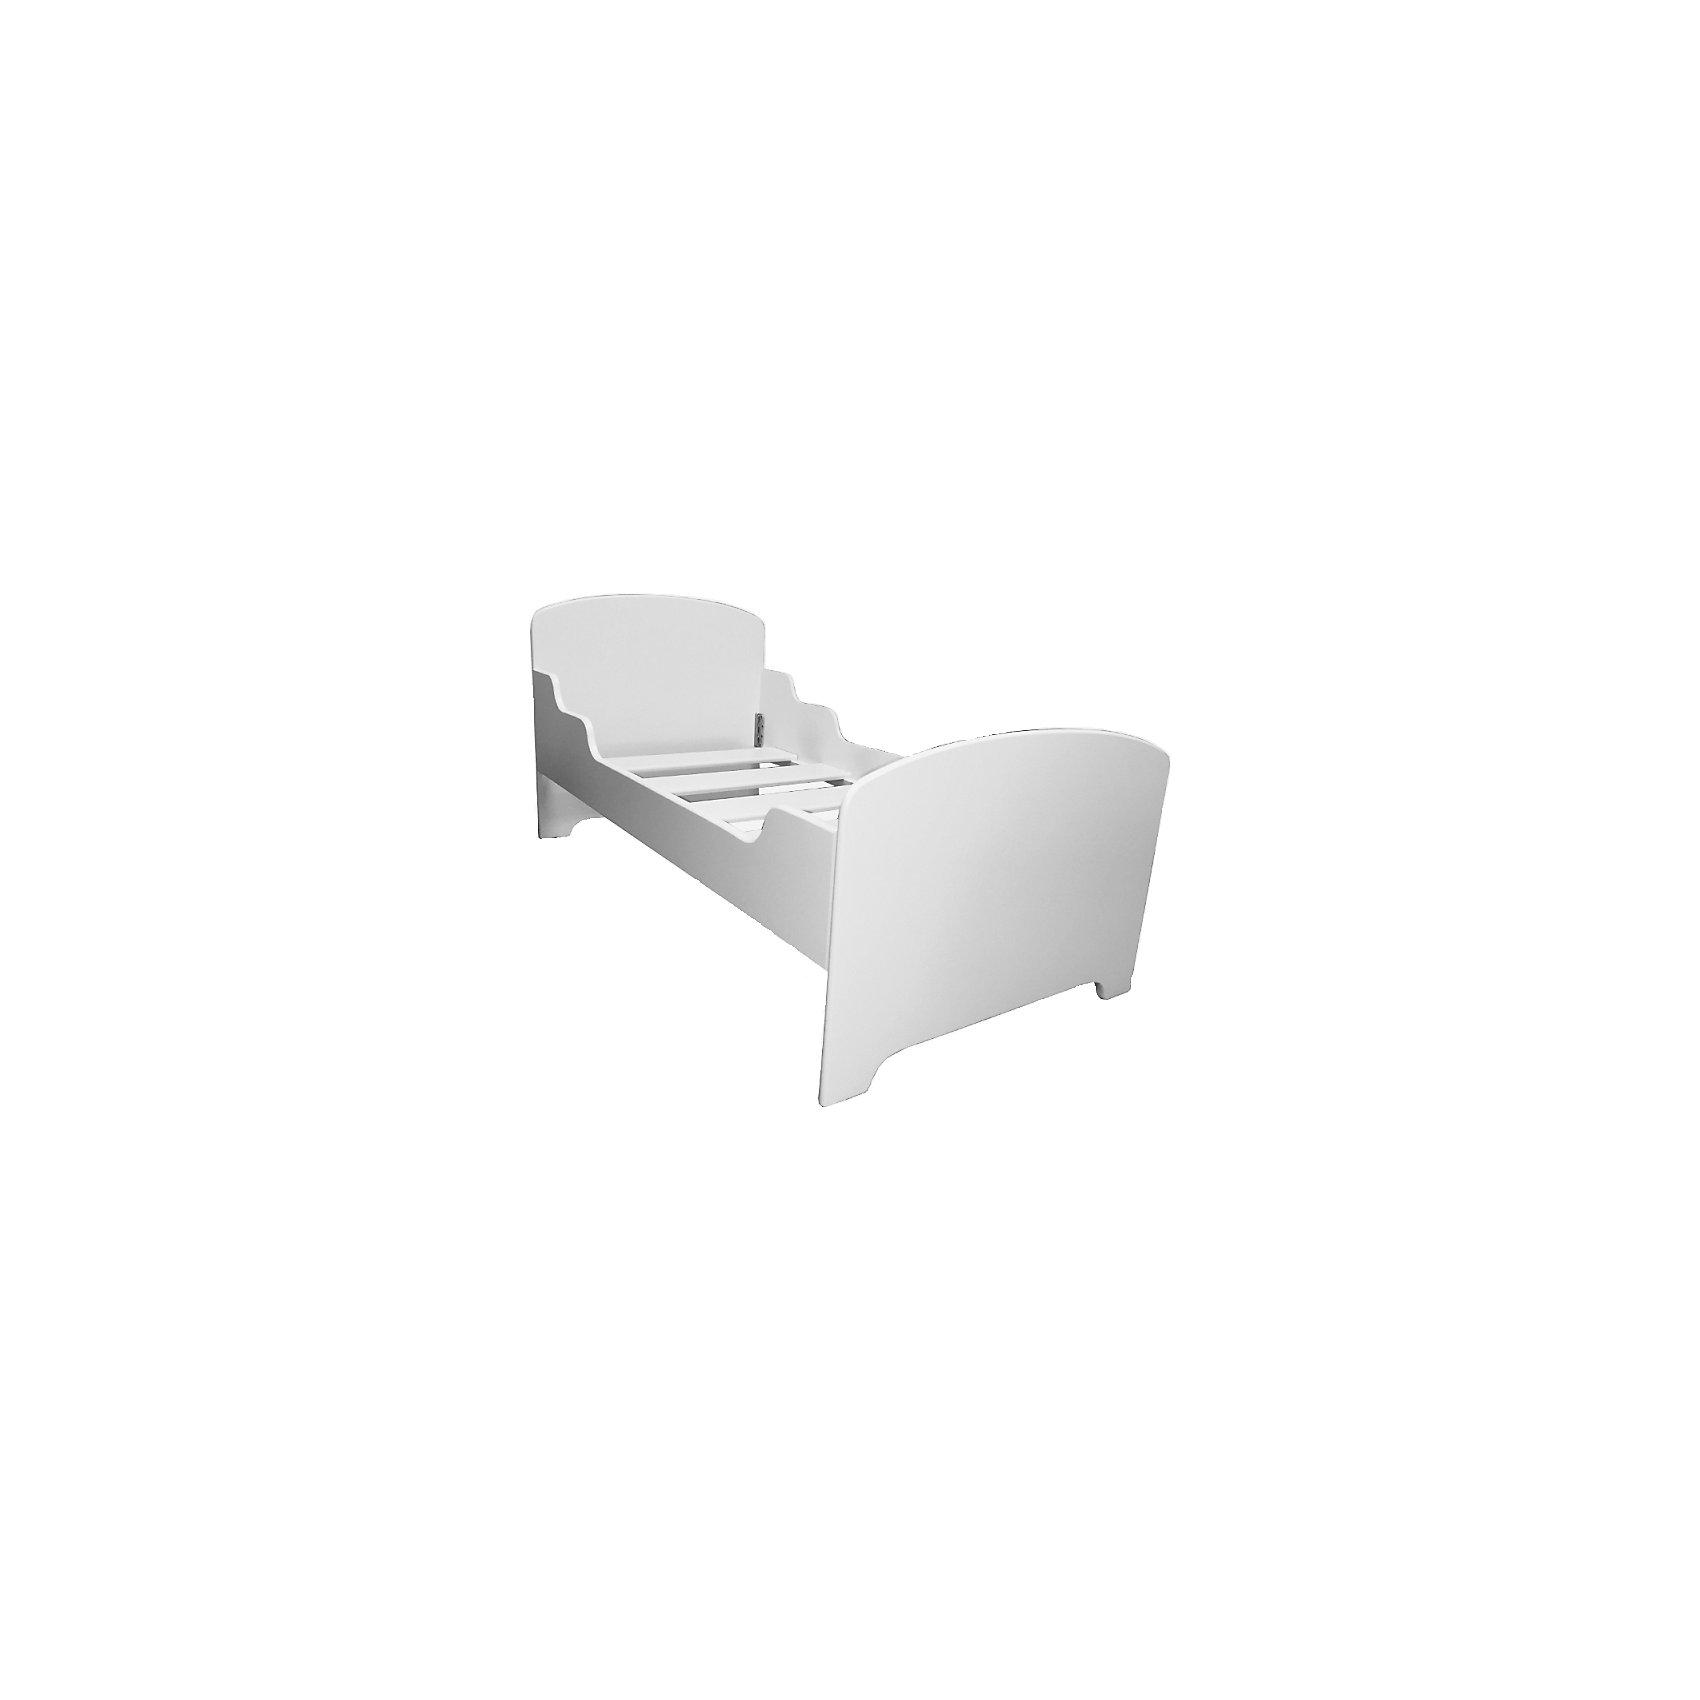 РусЭкоМебель Кровать подростковая 160 х 80 , Русэкомебель, белый